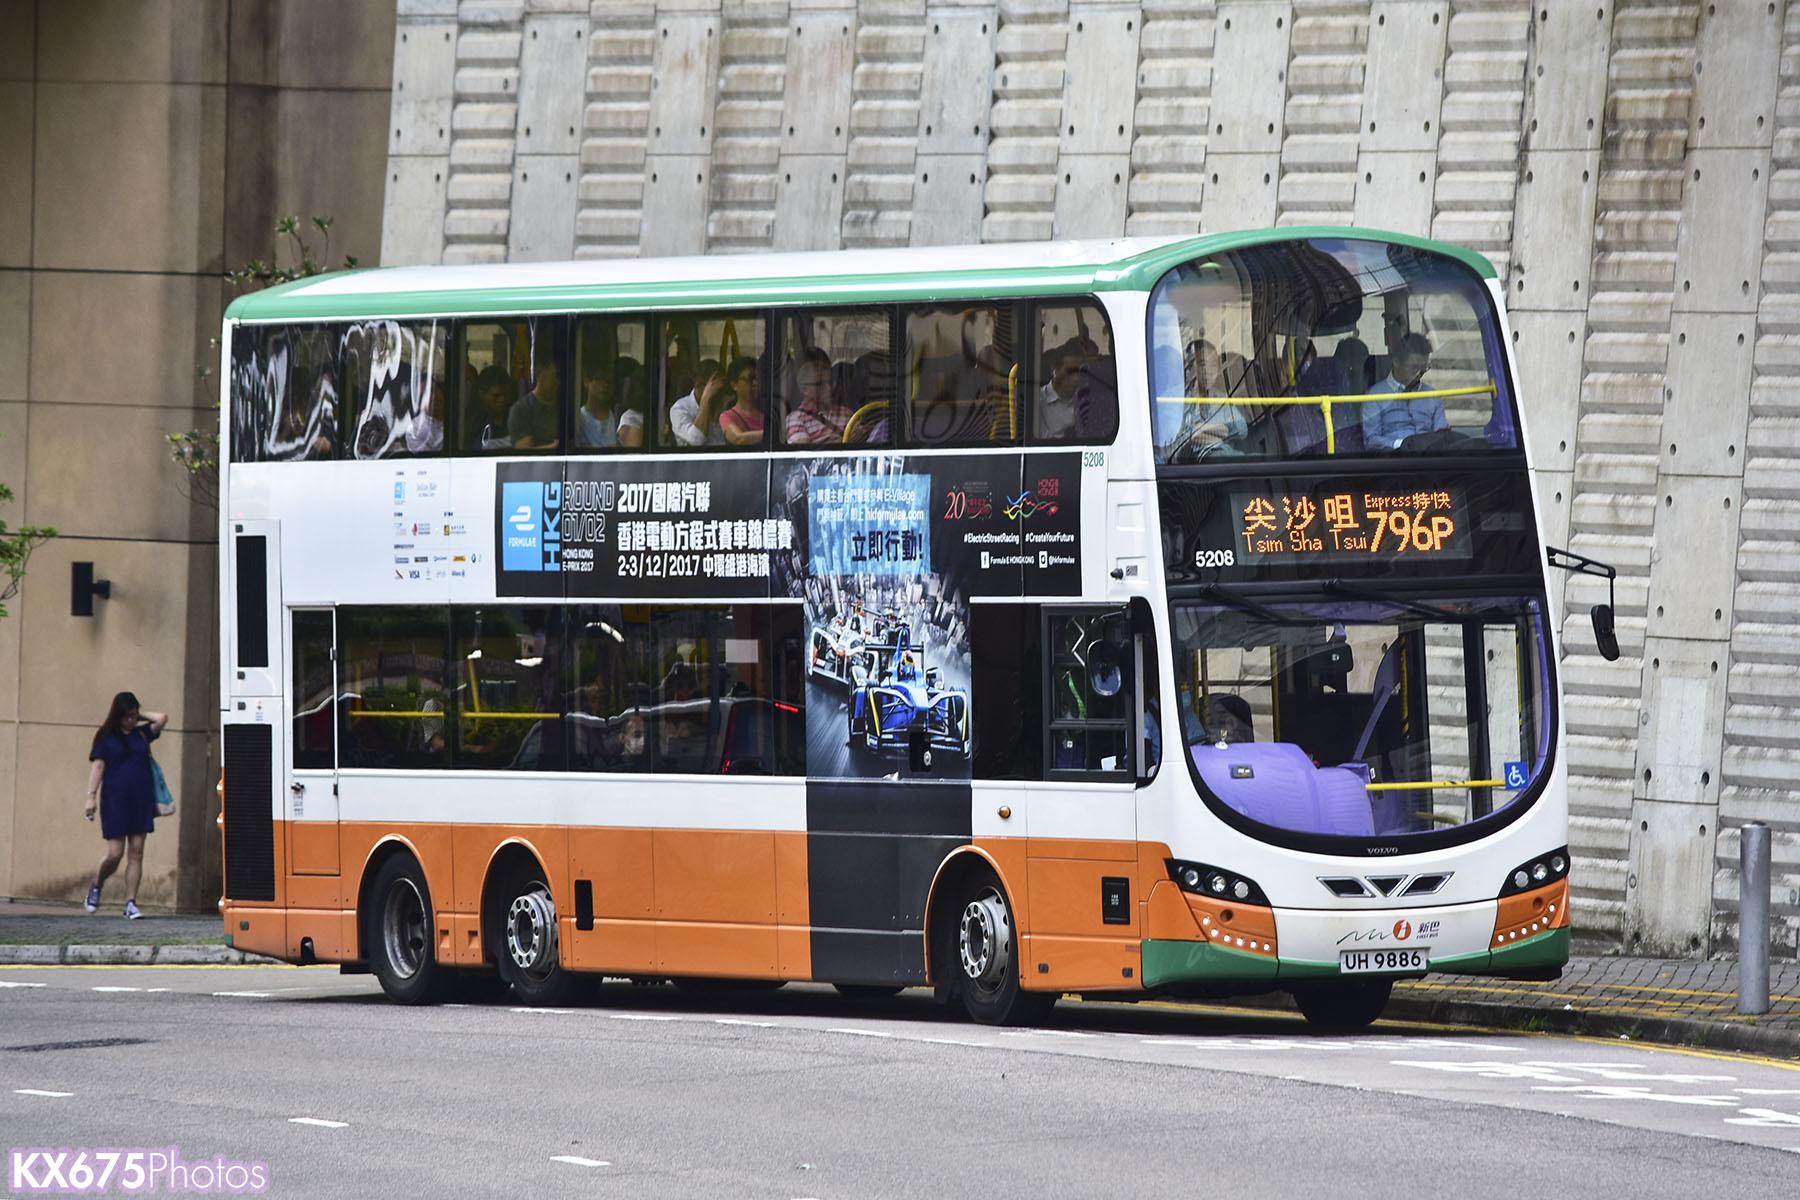 新巴796P線